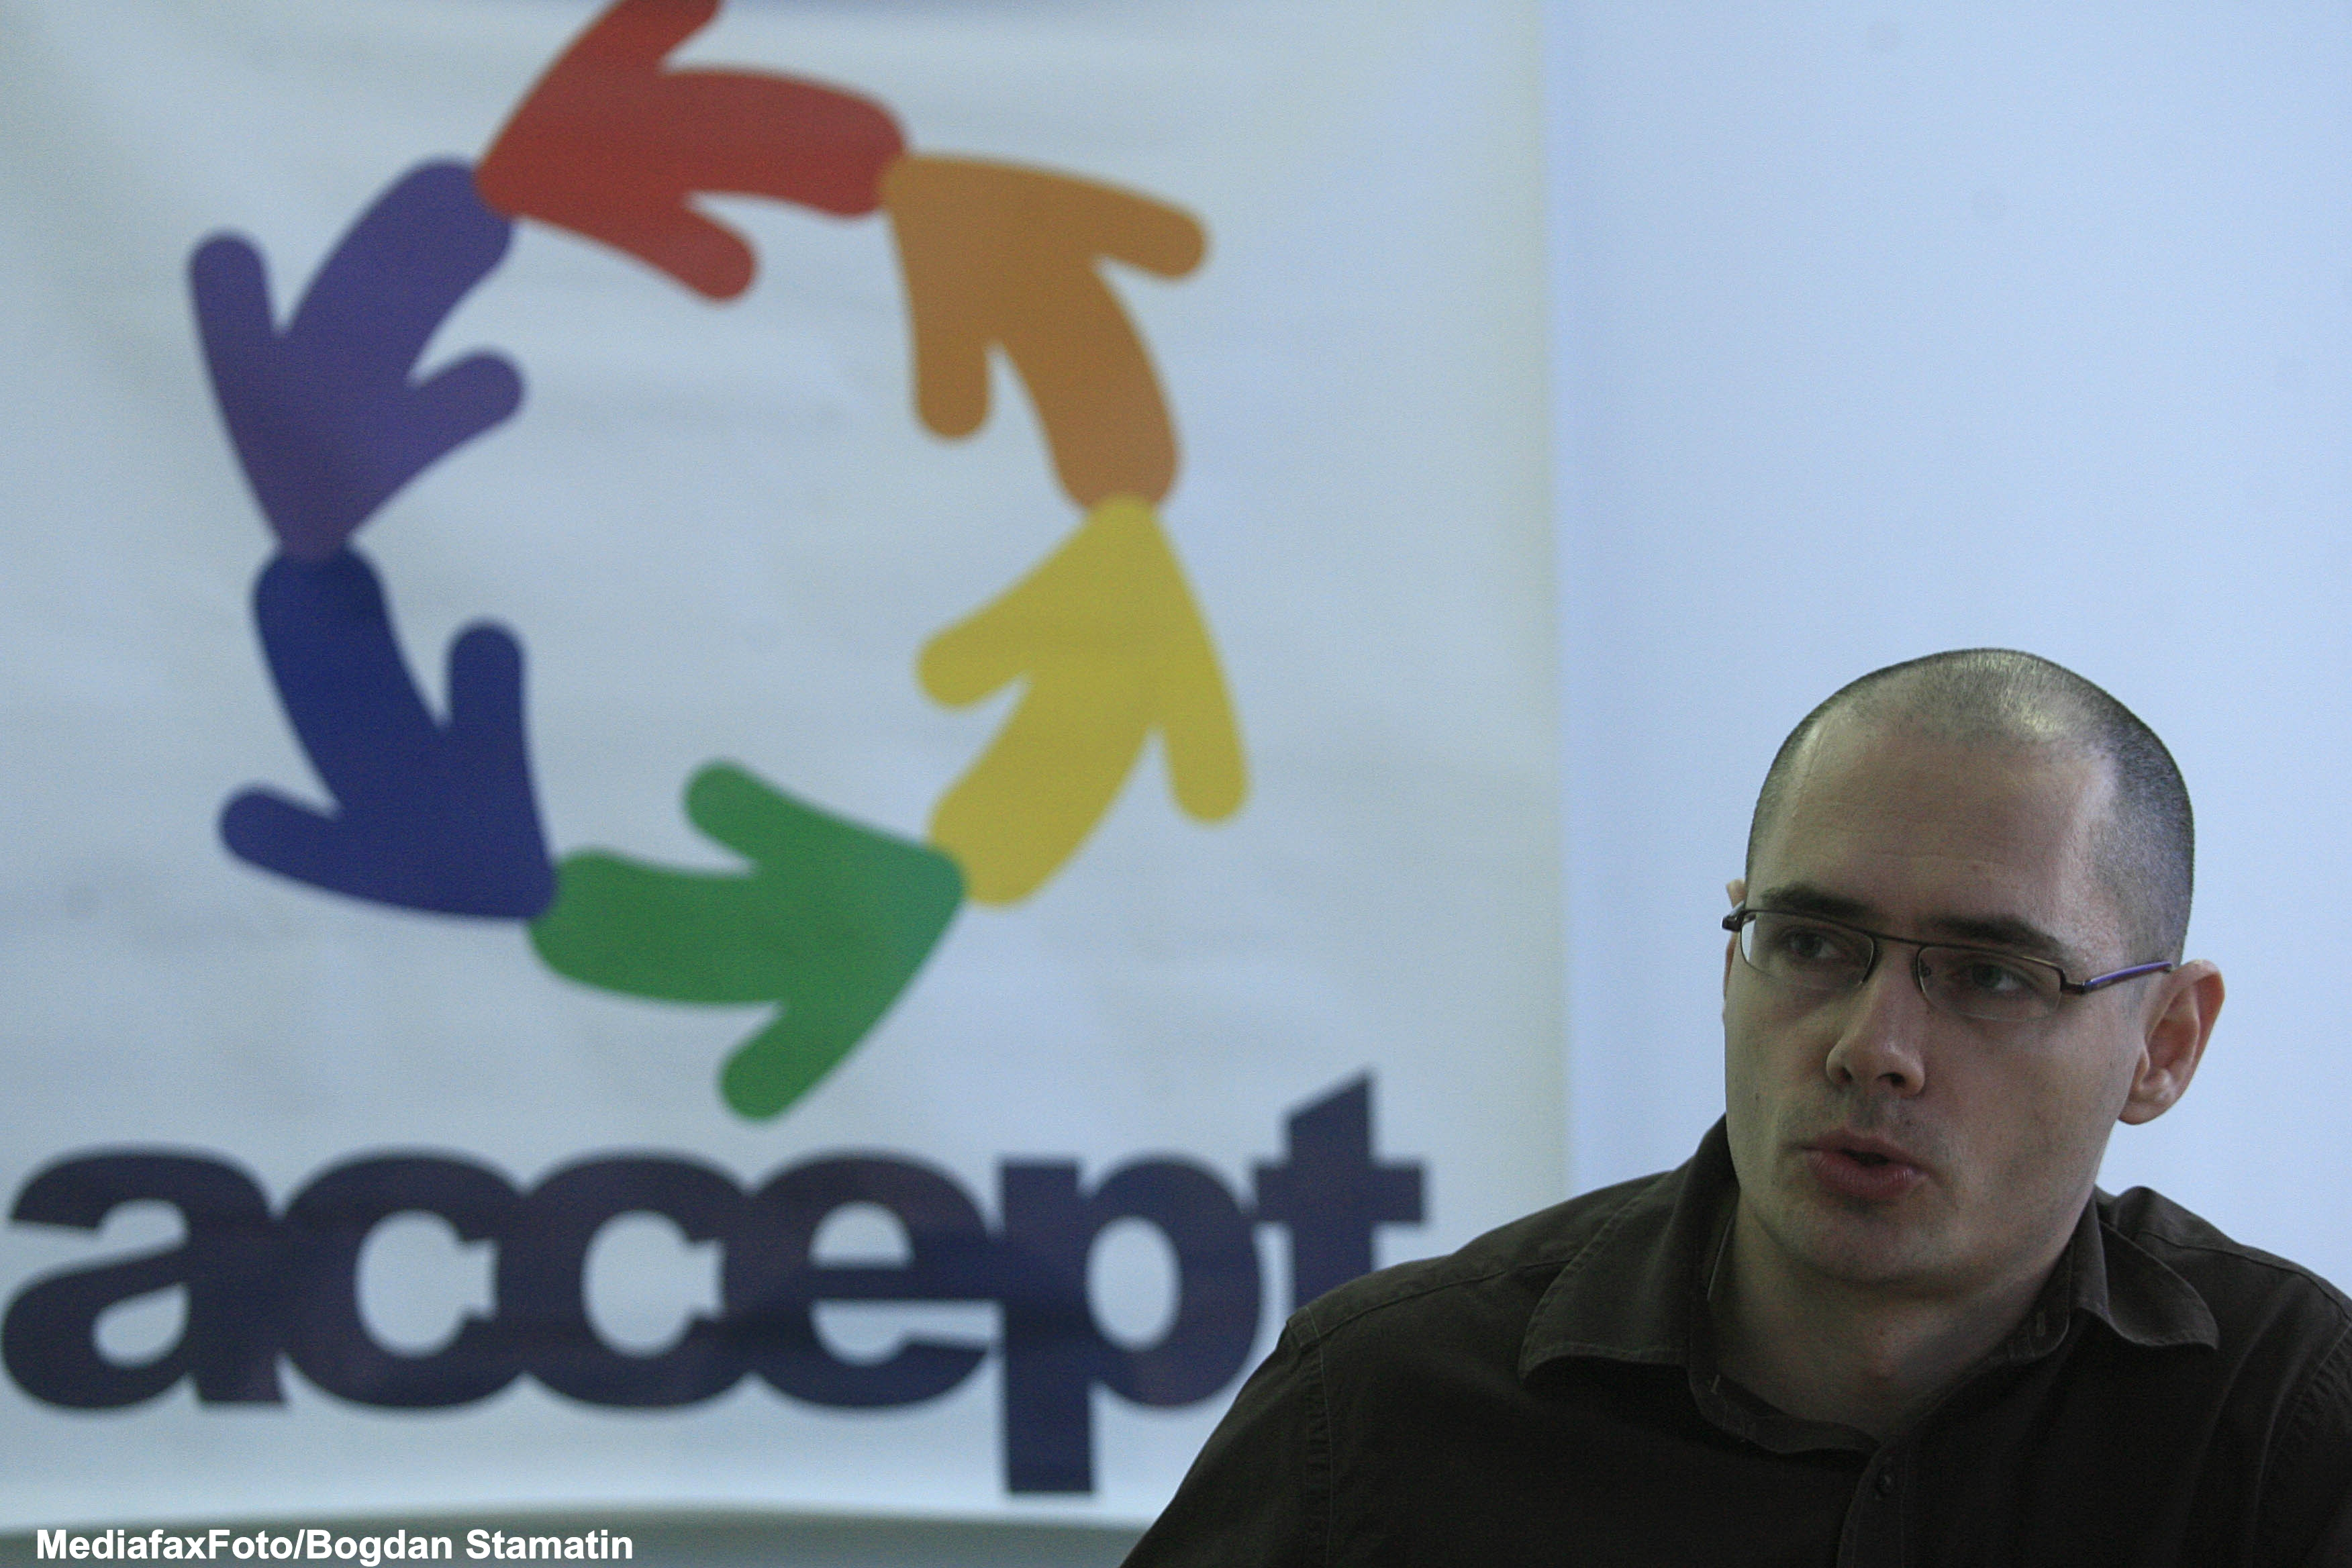 Asociatia Accept cere CNCD si PNL sanctionarea declaratiilor publice homofobe ale lui Puiu Hasotti